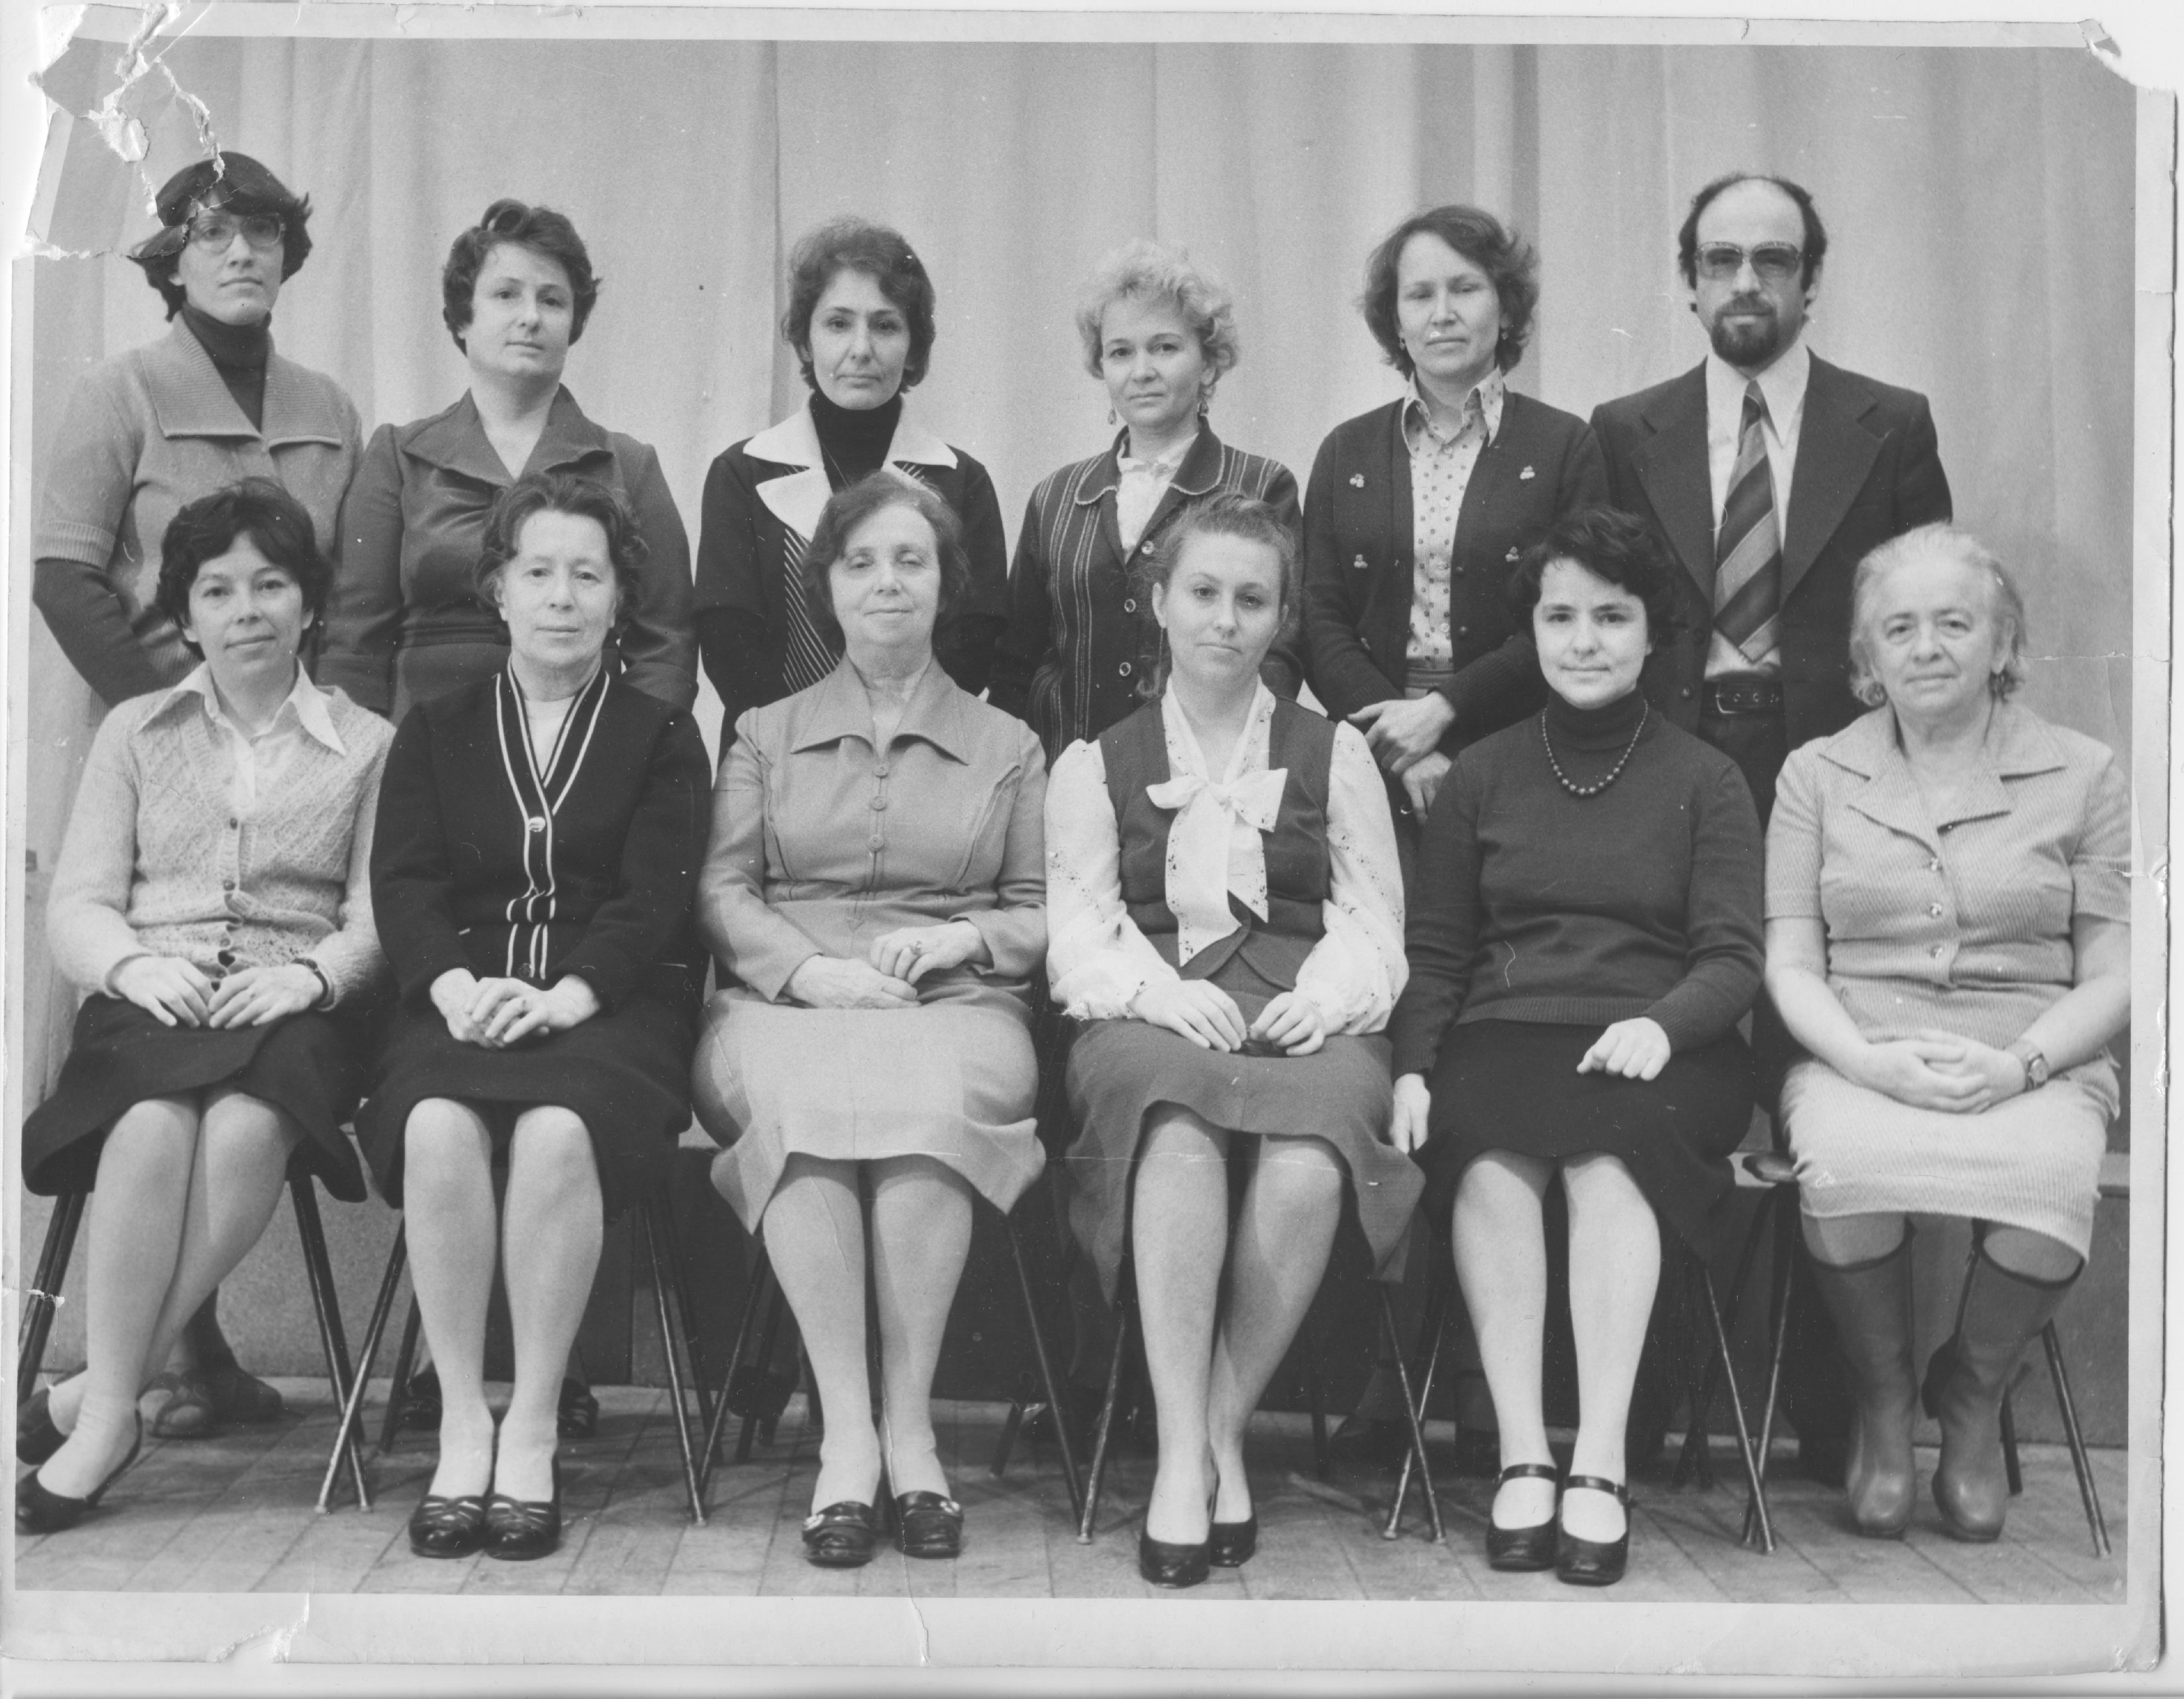 (На фото 1979 г. В первом ряду (слева направо): Н.А. Токарева, Е.Е. Герасимова, Д.С. Ходяшева, В.В. Галян, Л.А. Борисова, Т.М. Хазанзун. Стоят: Н.В. Гудзь, Т.И. Шадрова, Л.Е. Латышева, А.В. Фишер, Г.В. Герасимова, М.З. Хазанзун.)